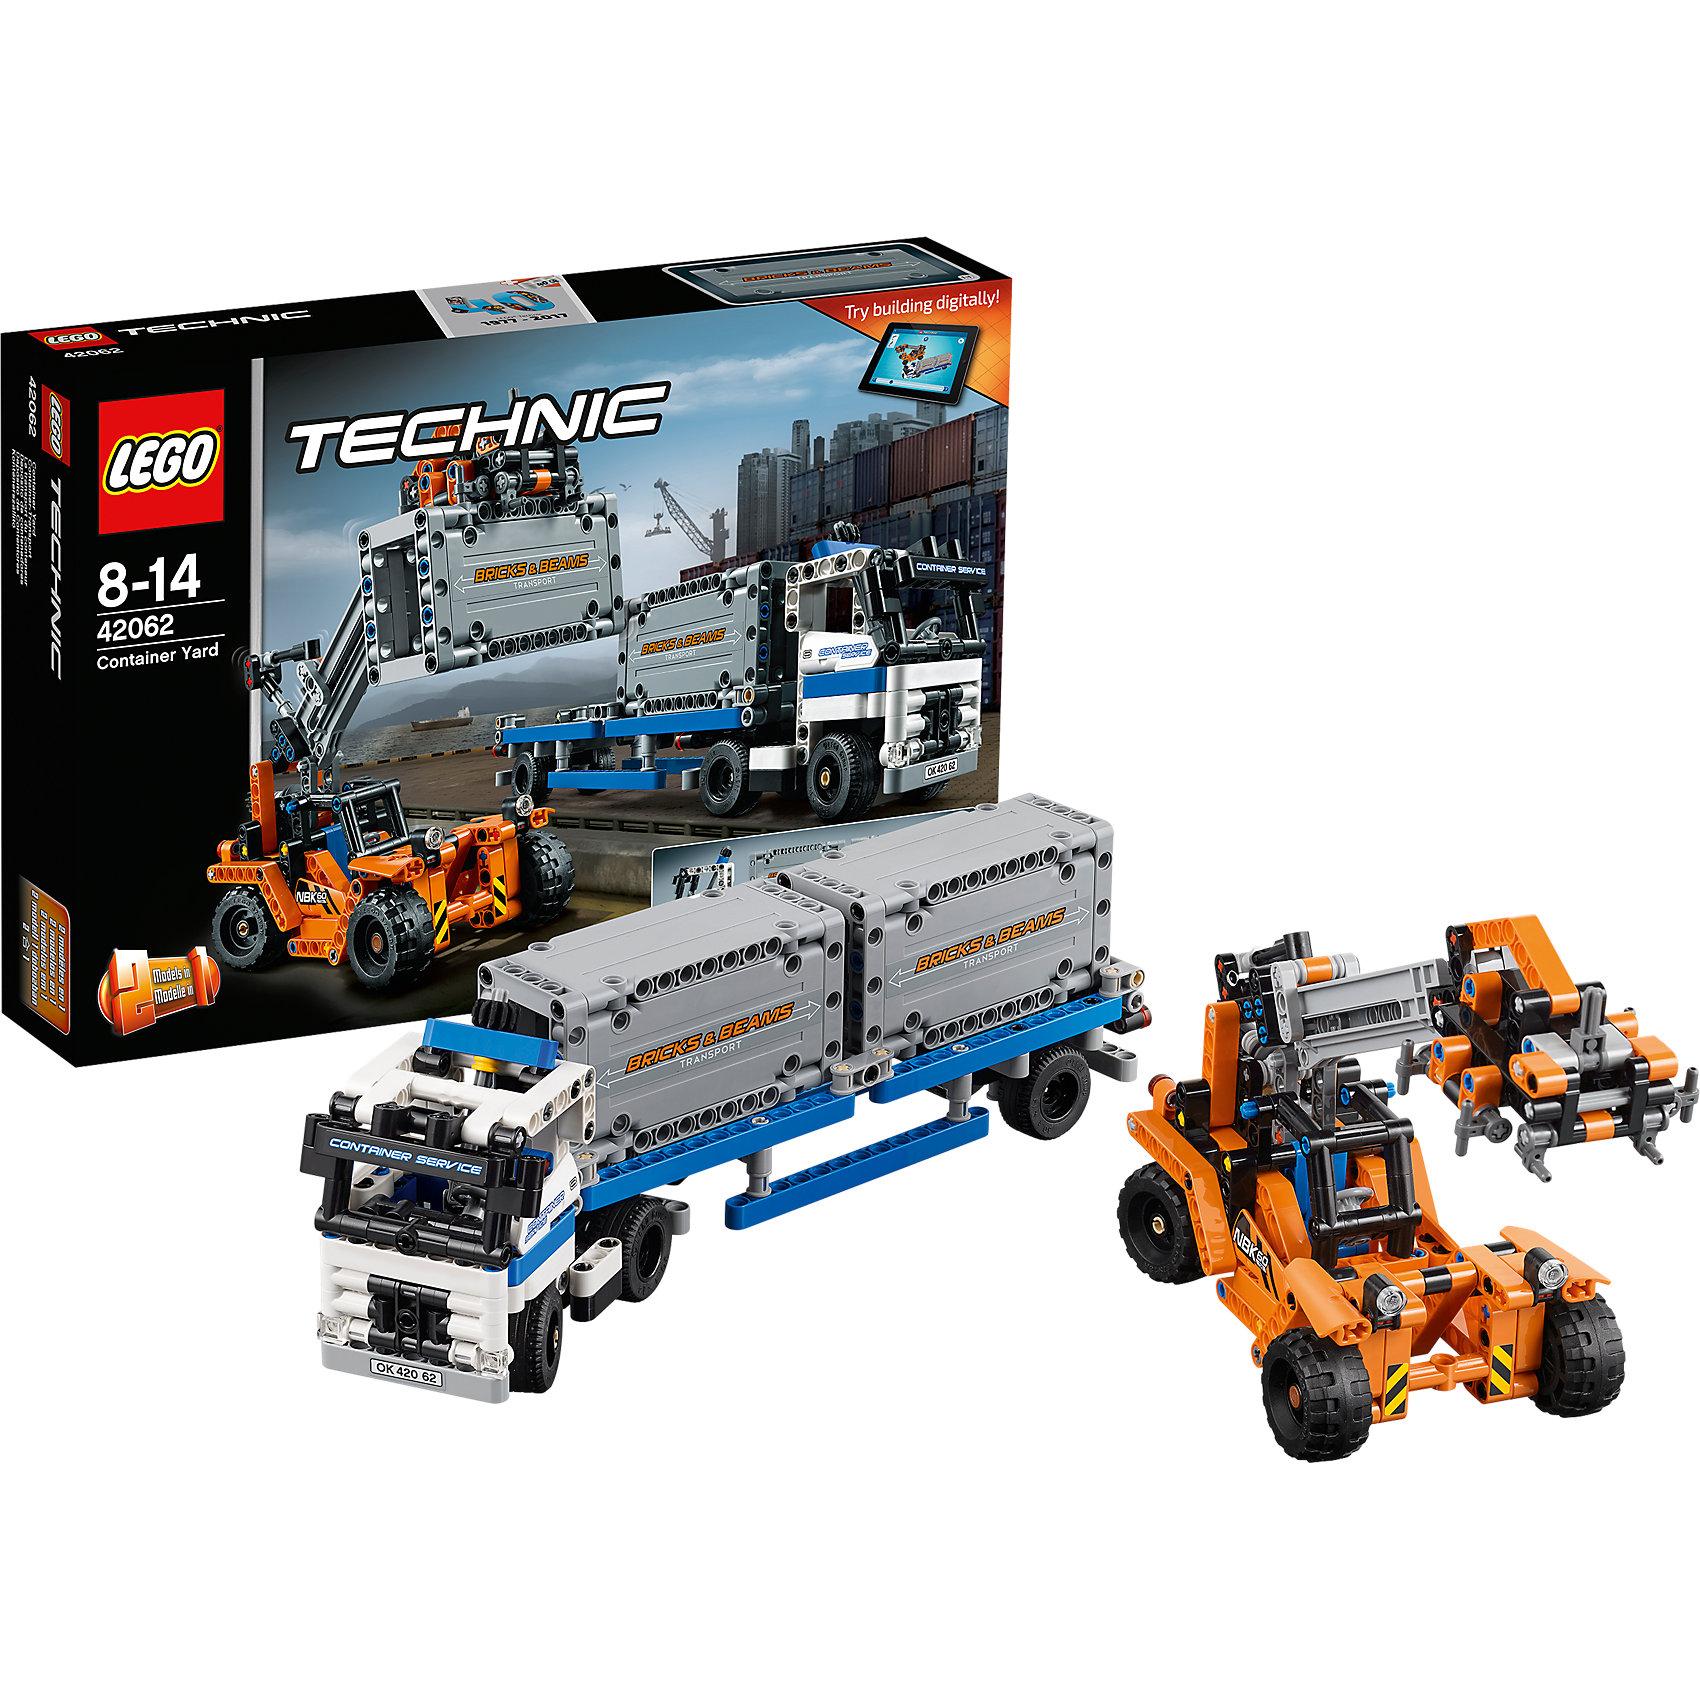 LEGO Technic 42062: Контейнерный терминалПластмассовые конструкторы<br>LEGO Technic 42062: Контейнерный терминал<br><br>Характеристики:<br><br>- в набор входит: детали большегрузного автомобиля, контейнеров и погрузчика, наклейки, инструкция по сборке<br>- состав: пластик<br>- количество деталей: 260<br>- приблизительное время сборки: 75 мин.<br>- размер упаковки: 38 * 7 * 29 см.<br>- размер автомобиля с контейнерами: 30,5 * 7 * 11 см.<br>- размер погрузчика: 23 * 9 * 10,5 см.<br>- для детей в возрасте: от 8 до 14 лет<br>- Страна производитель: Дания/Китай/Чехия<br><br>Легендарный конструктор LEGO (ЛЕГО) представляет серию «Technic», которая бросает вызов уже опытным строителям ЛЕГО. Ваш ребенок может строить продвинутые модели с реальными функциями, такими как коробки передач и системы рулевого управления. В набор включена уникальная деталь, посвященная сорокалетию серии. Наслаждайтесь строительством реалистичного большегрузного автомобиля и погрузчика! <br><br>Благодаря специальному механизму колеса автомобиля двигаются в разные стороны, помогая ему разворачиваться вместе с прицепом и грузом, прицеп можно отсоединить, двери кабины открываются, а сиденья складываются. Ведущие колеса погрузчика так же двигаются с помощью механизма, грузозахватное устройство поднимается, двигается вперед и надежно захватывает контейнеры. Открытая кабина погрузчика открывается, водитель защищен надежной и прочной конструкцией. Большегрузный автомобиль перестраивается в грузовик, а погрузчик в стационарный портальный для нового вида перевозок, обе модели имеют дополнительные объемные интерактивные инструкции на вебсайте ЛЕГО. <br><br>Играя с конструктором ребенок развивает моторику рук, воображение и логическое мышление, научится собирать по инструкции и создавать свои модели. Принимайте новые вызовы по сборке моделей и придумывайте новые истории с набором LEGO «Technic»!<br><br>Конструктор LEGO Technic 42062: Контейнерный терминал можно купить в нашем интернет-магазине.<br><br>Ширина 